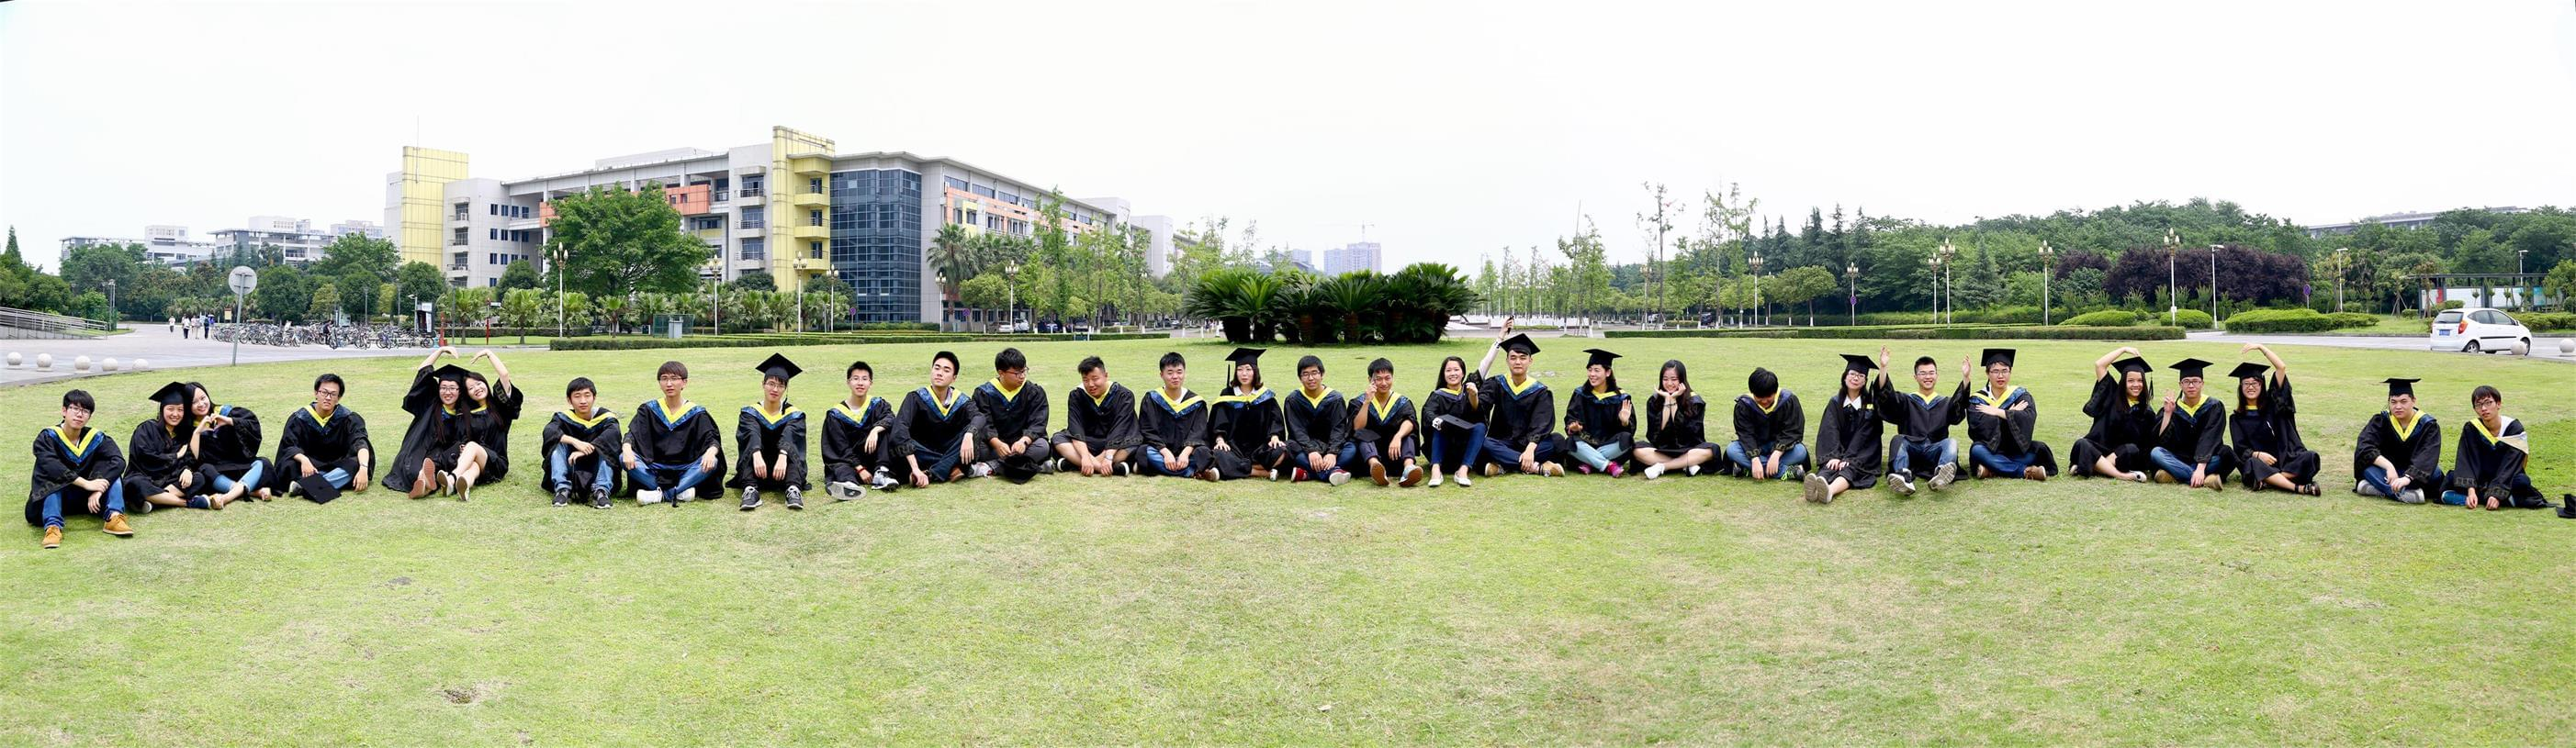 成都毕业照_毕业合影拍摄图片